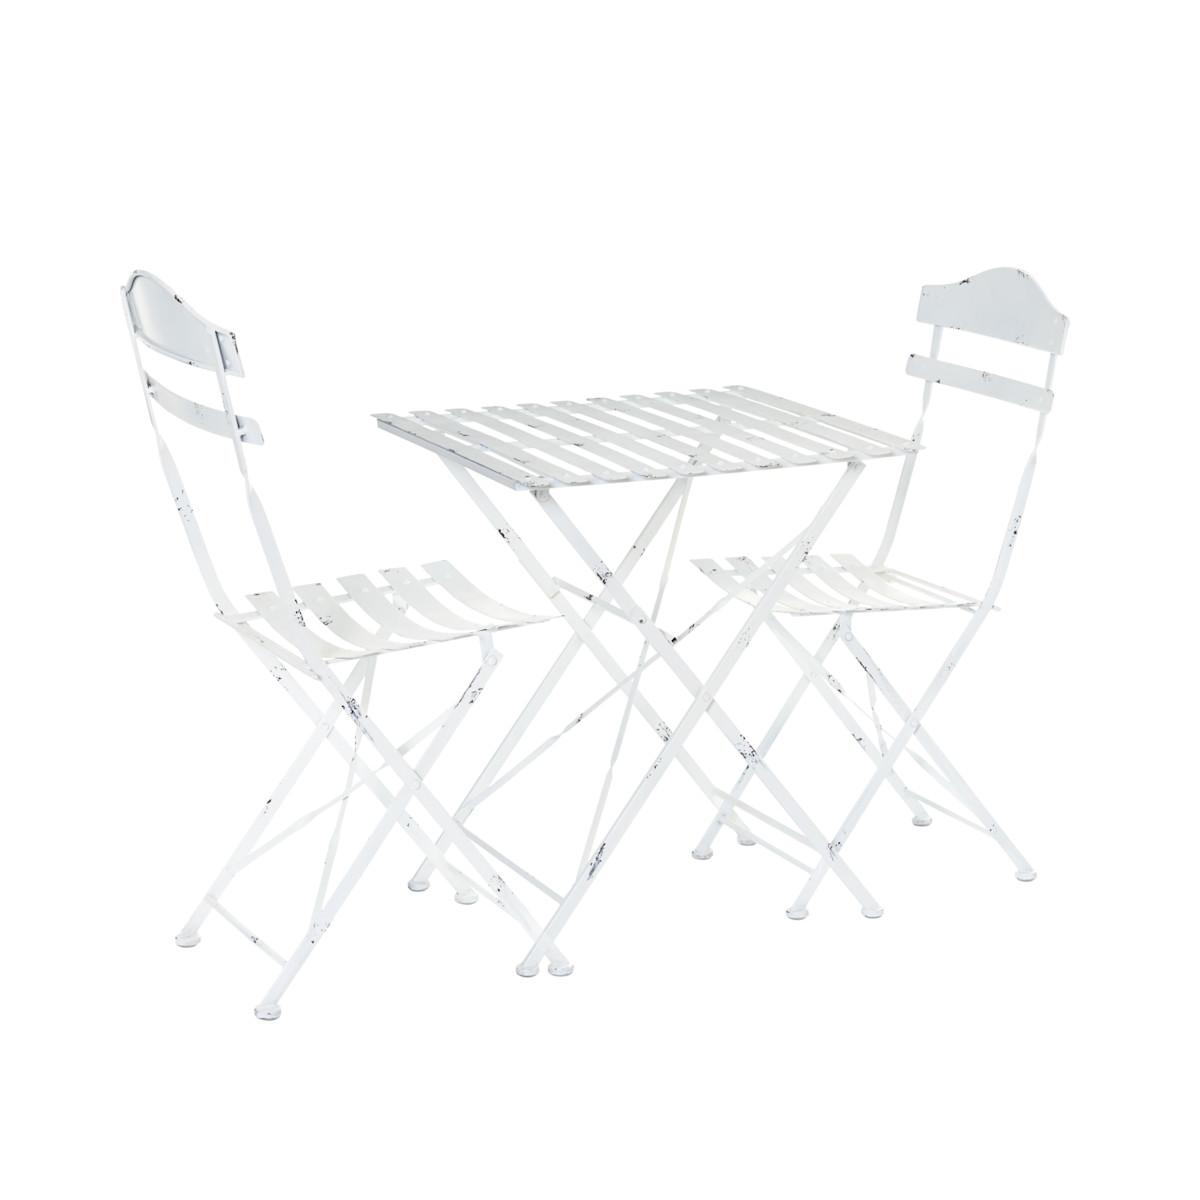 Gartenmöbel-Set 3-tlg. Justus Tisch Stühle Landhausstil Eisen